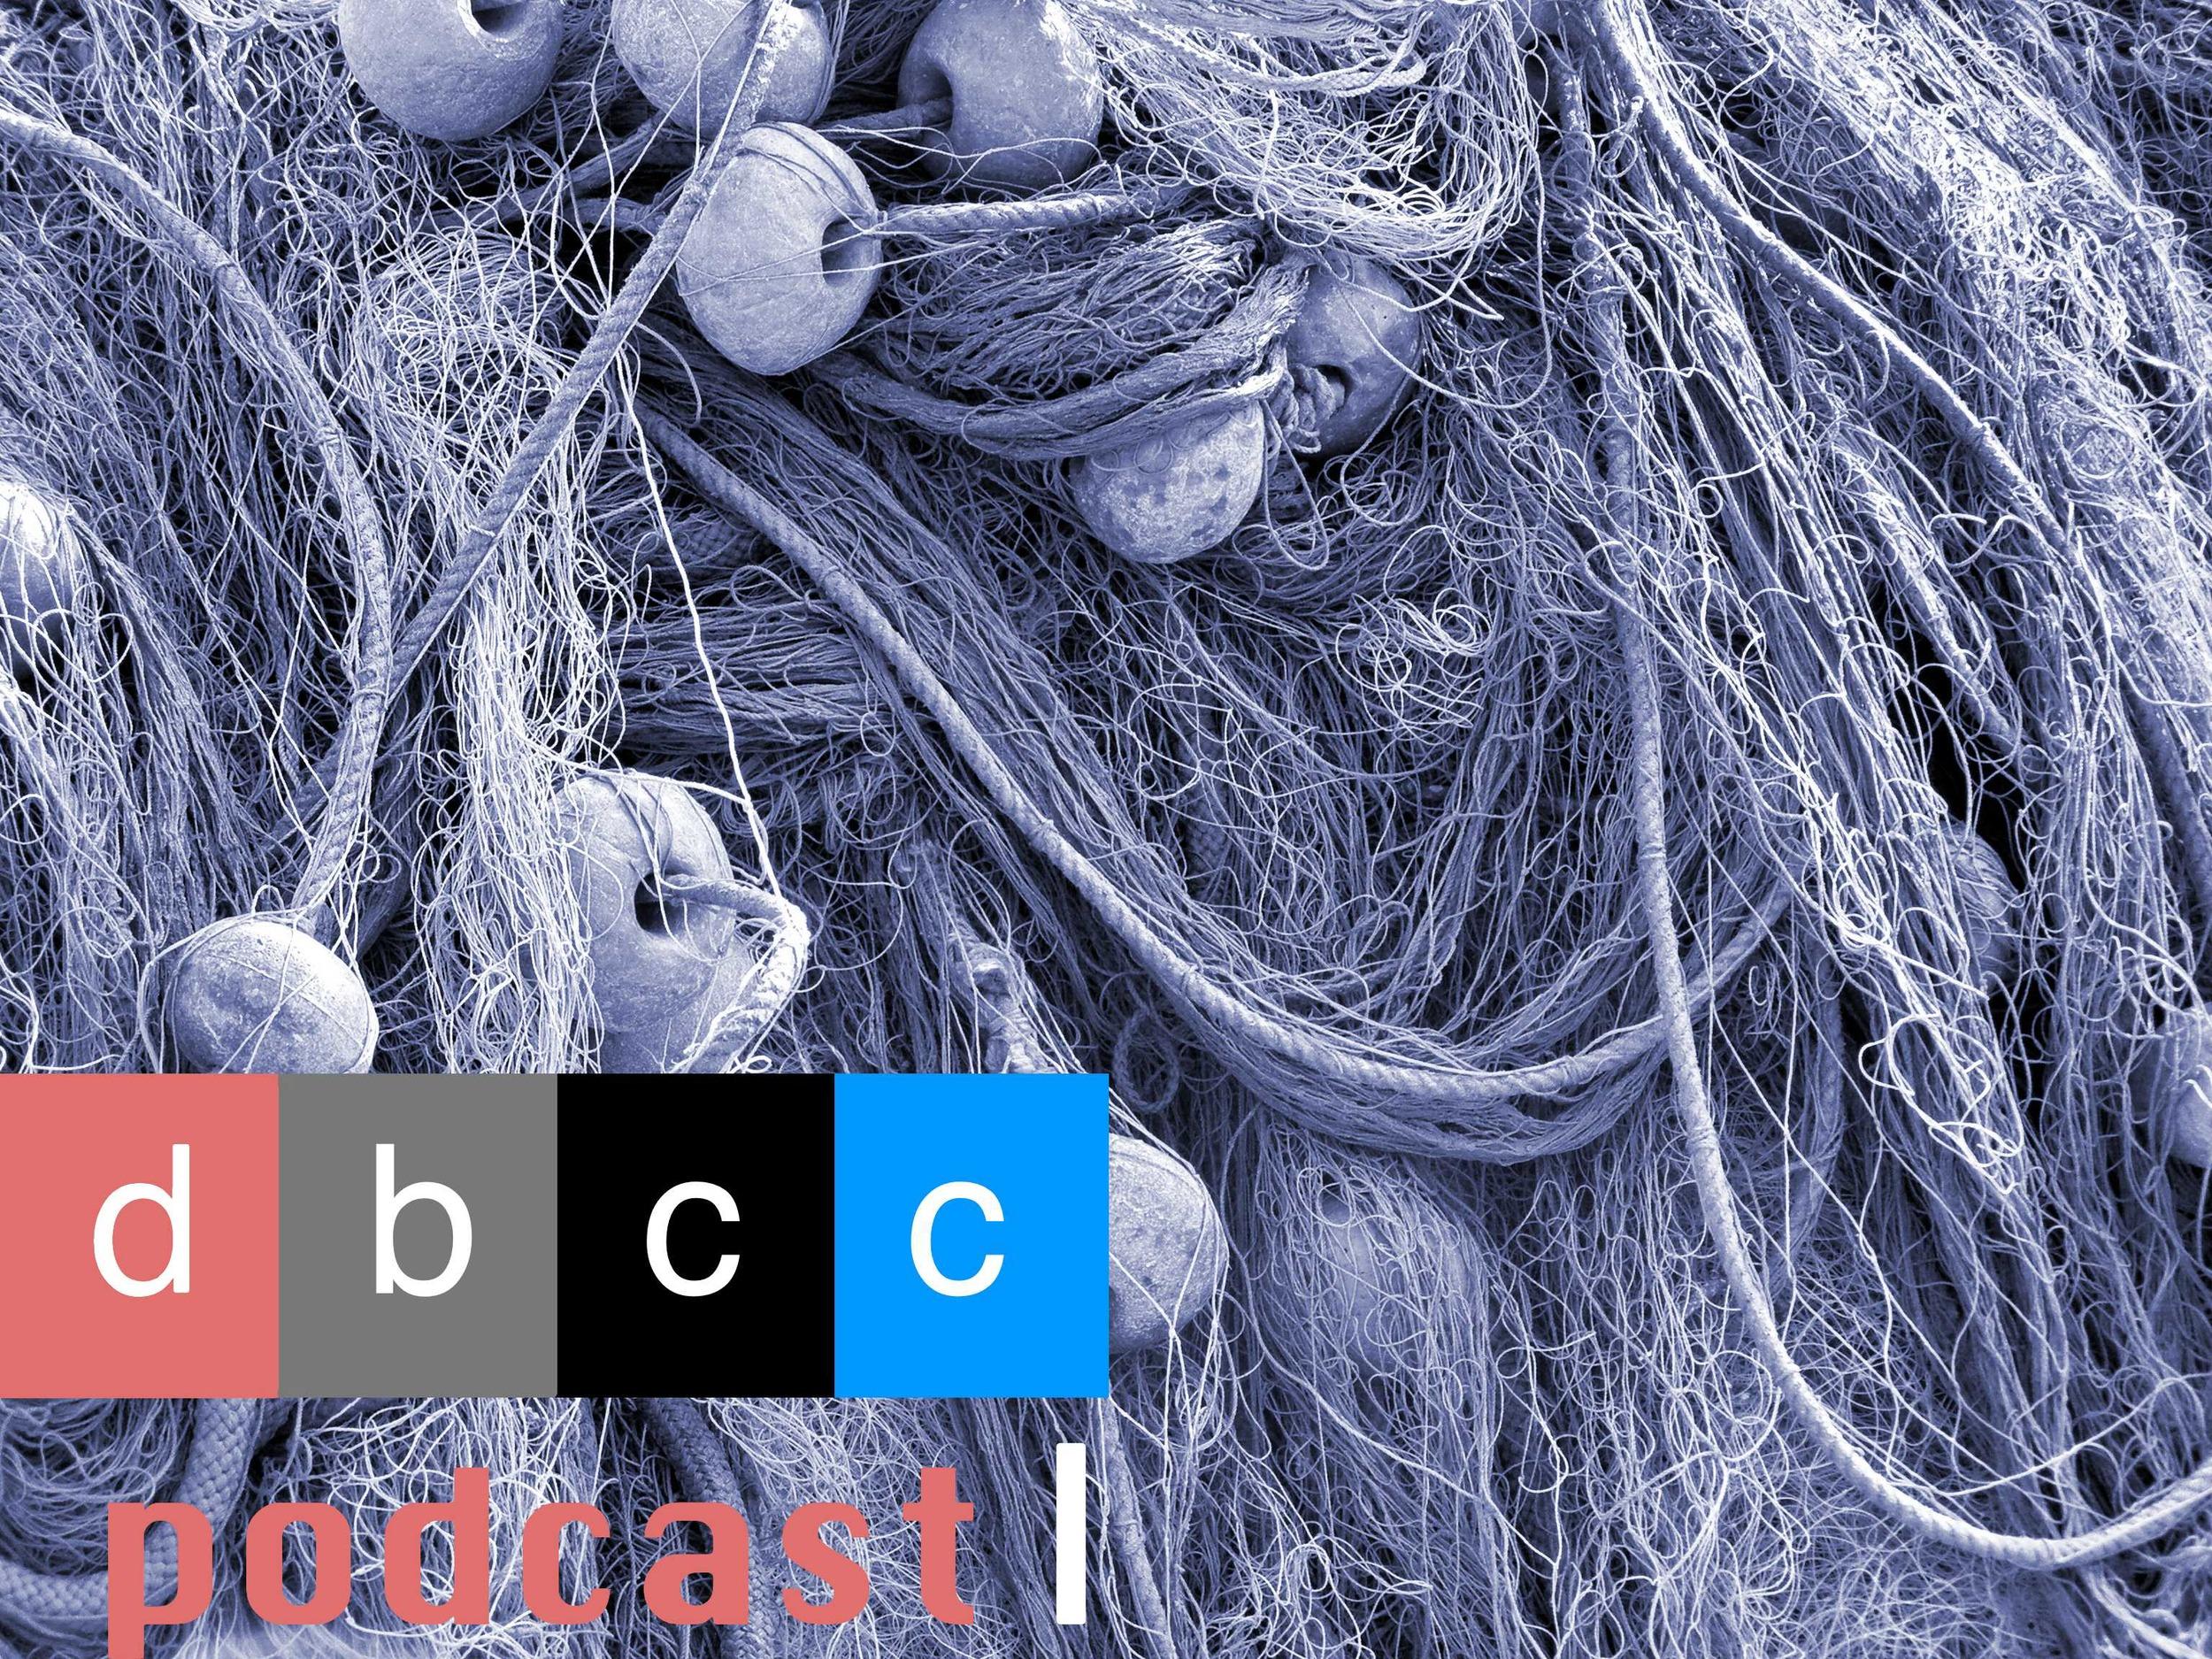 DBCC fishnet.jpg